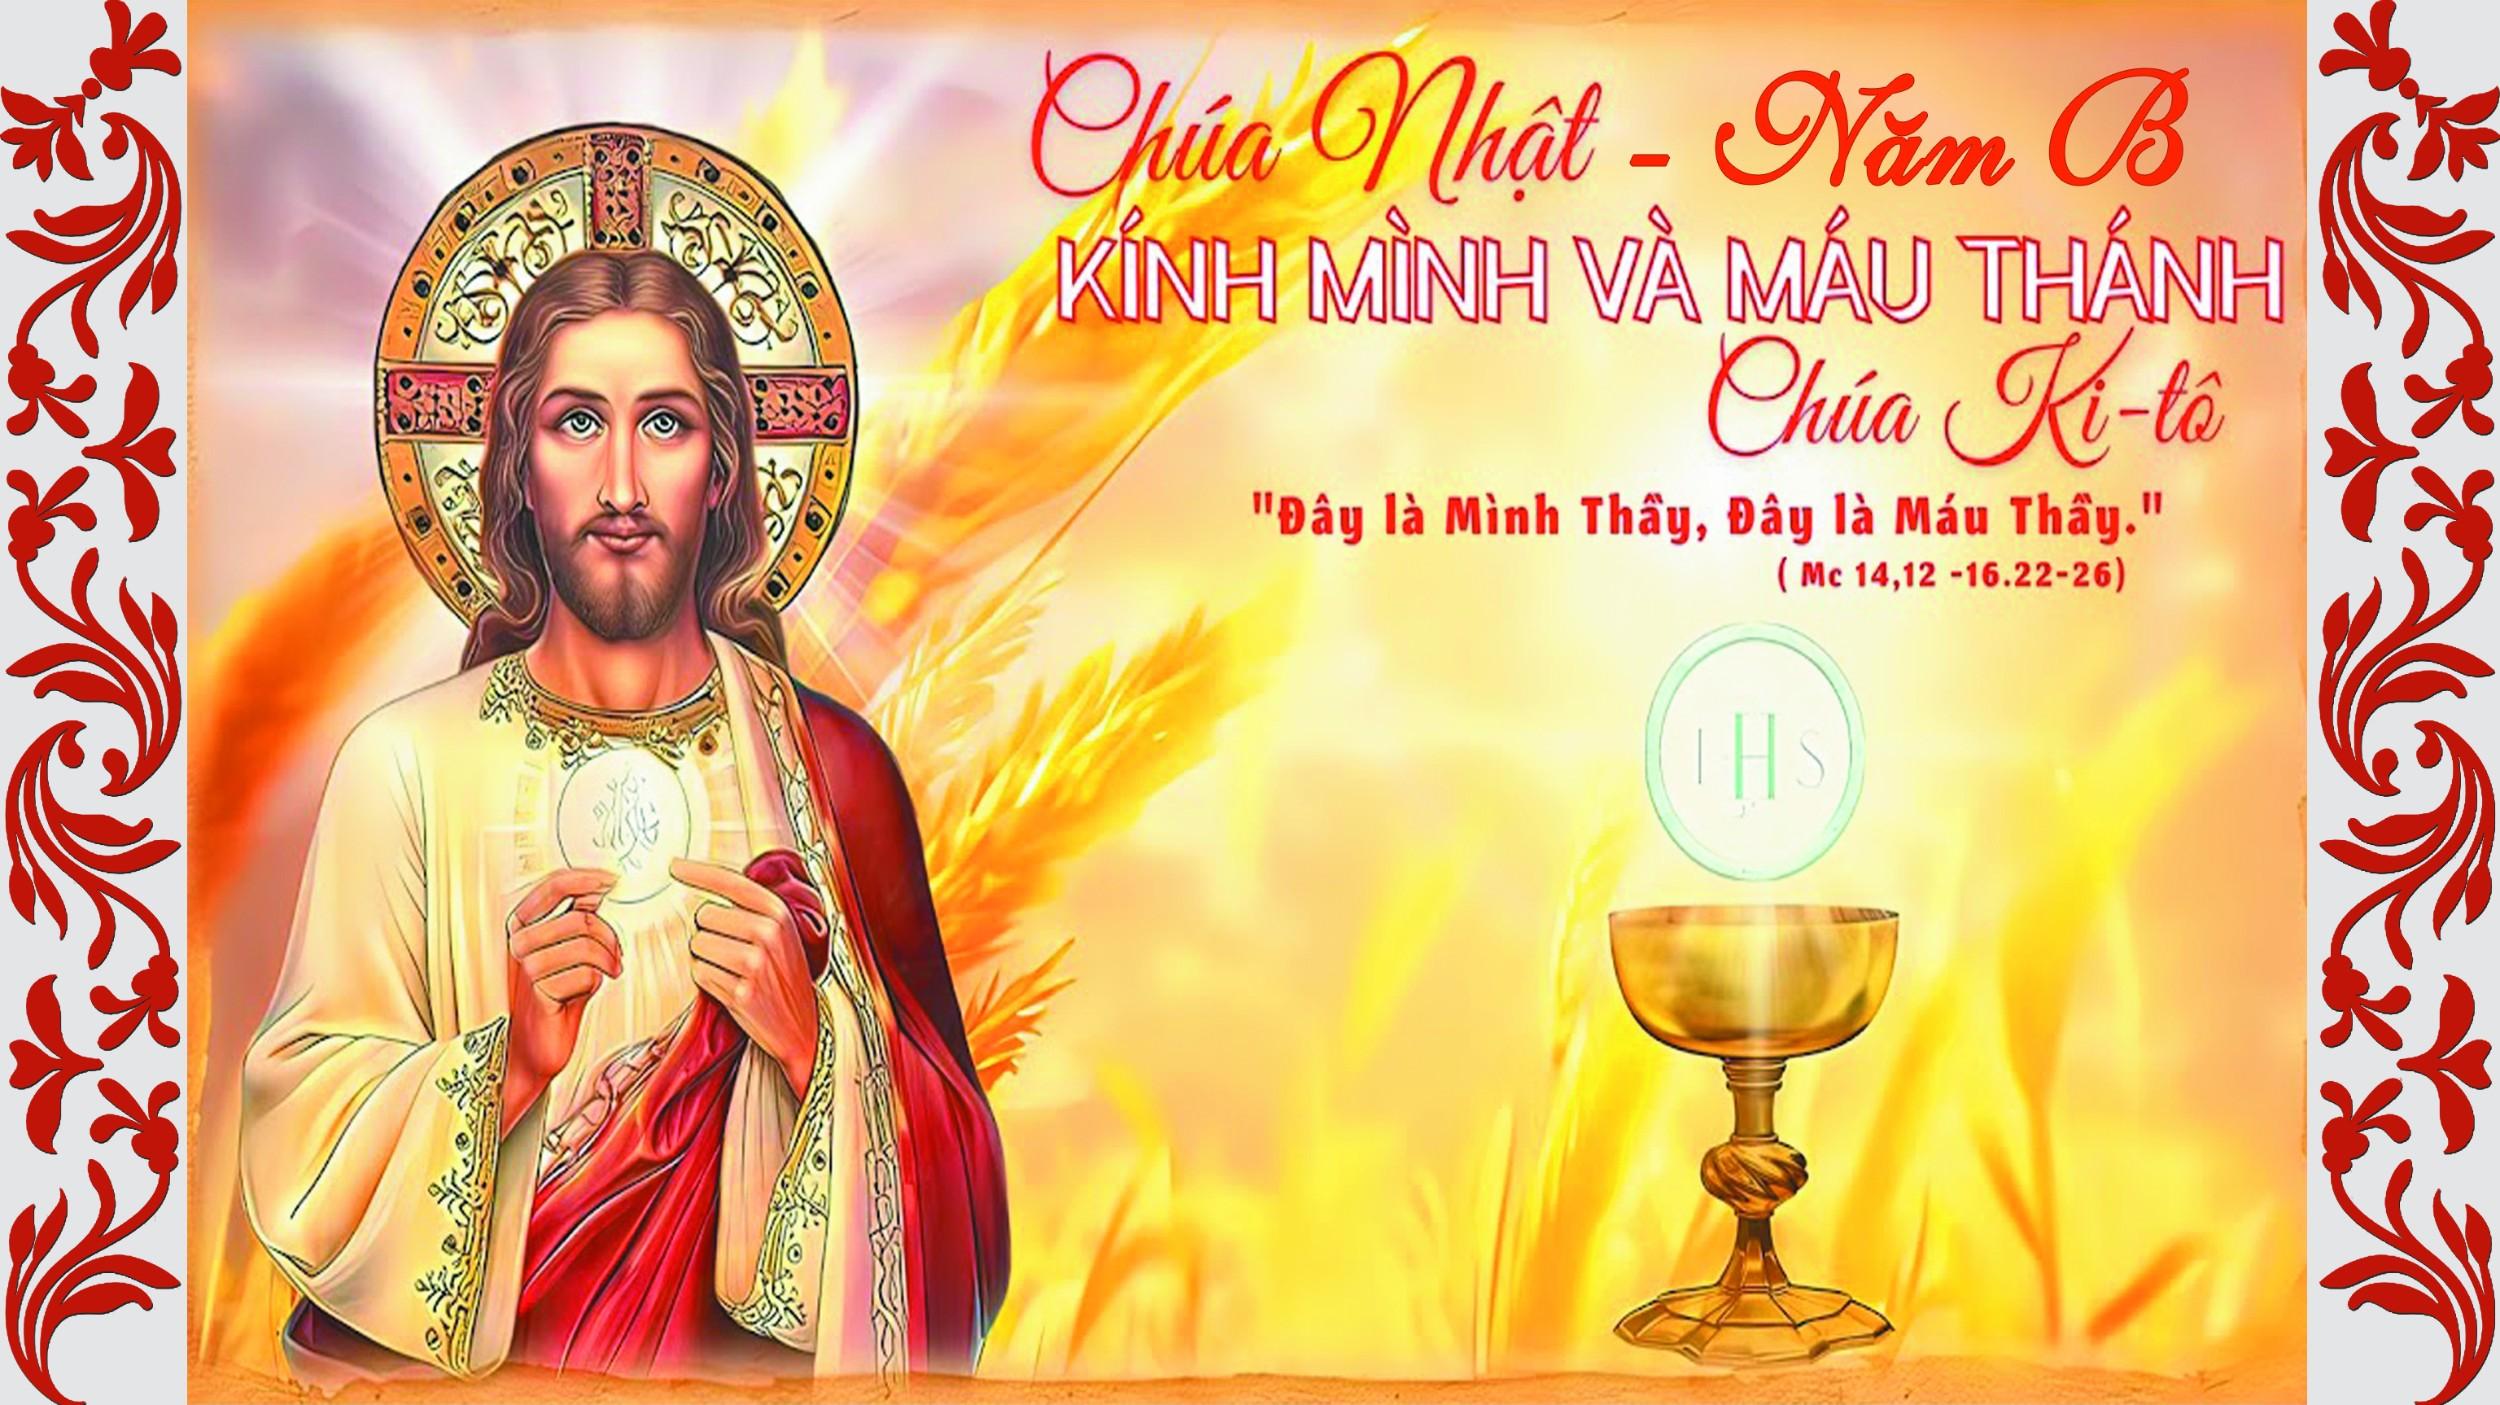 Các bài đọc lễ Mình Máu Thánh Chúa Kitô và trong Tuần 10 Thường niên - năm B